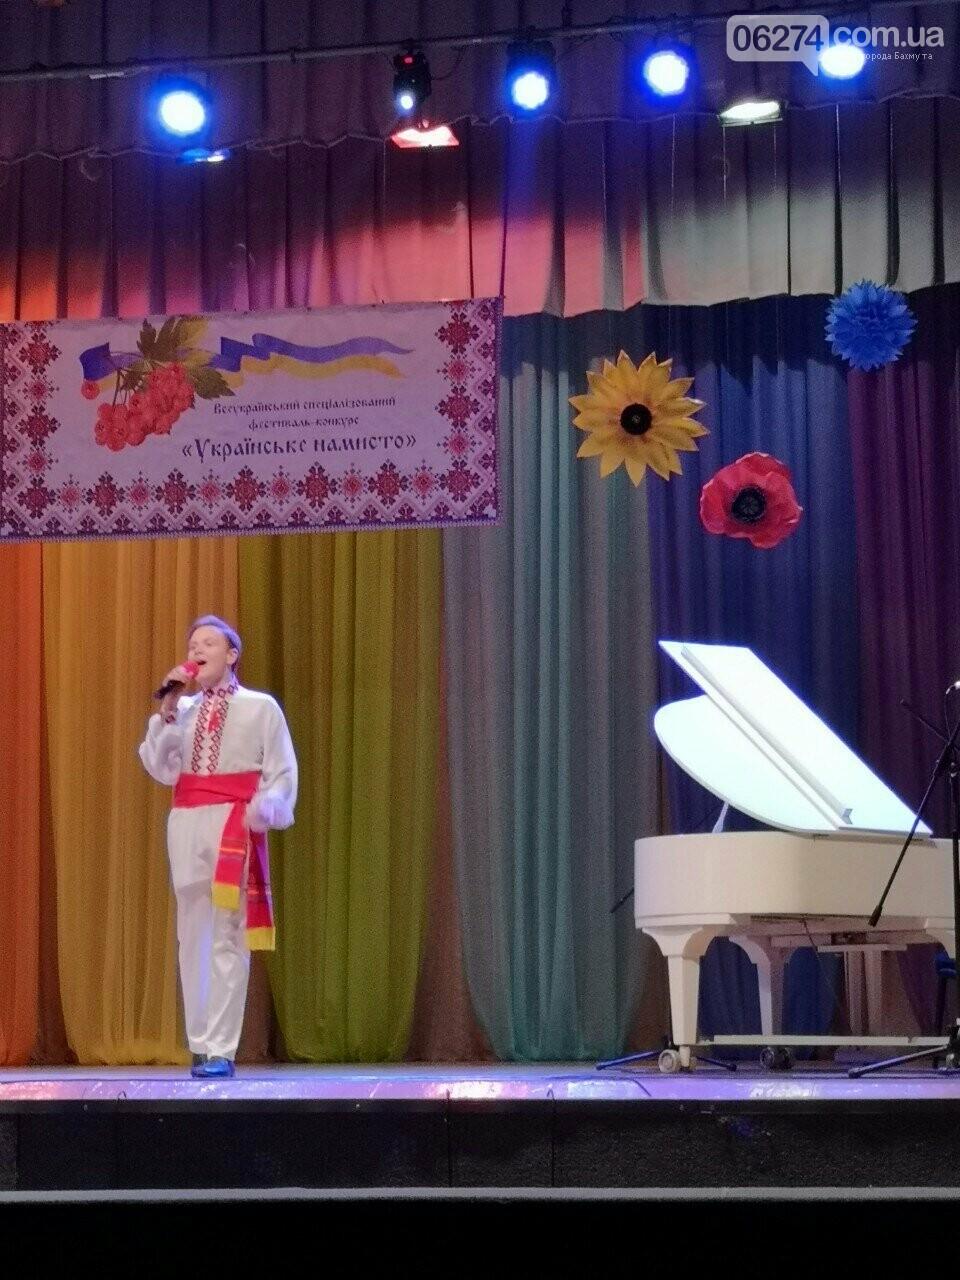 Бахмутские вокалисты стали лучшими на фестивале «Українське намисто», фото-5